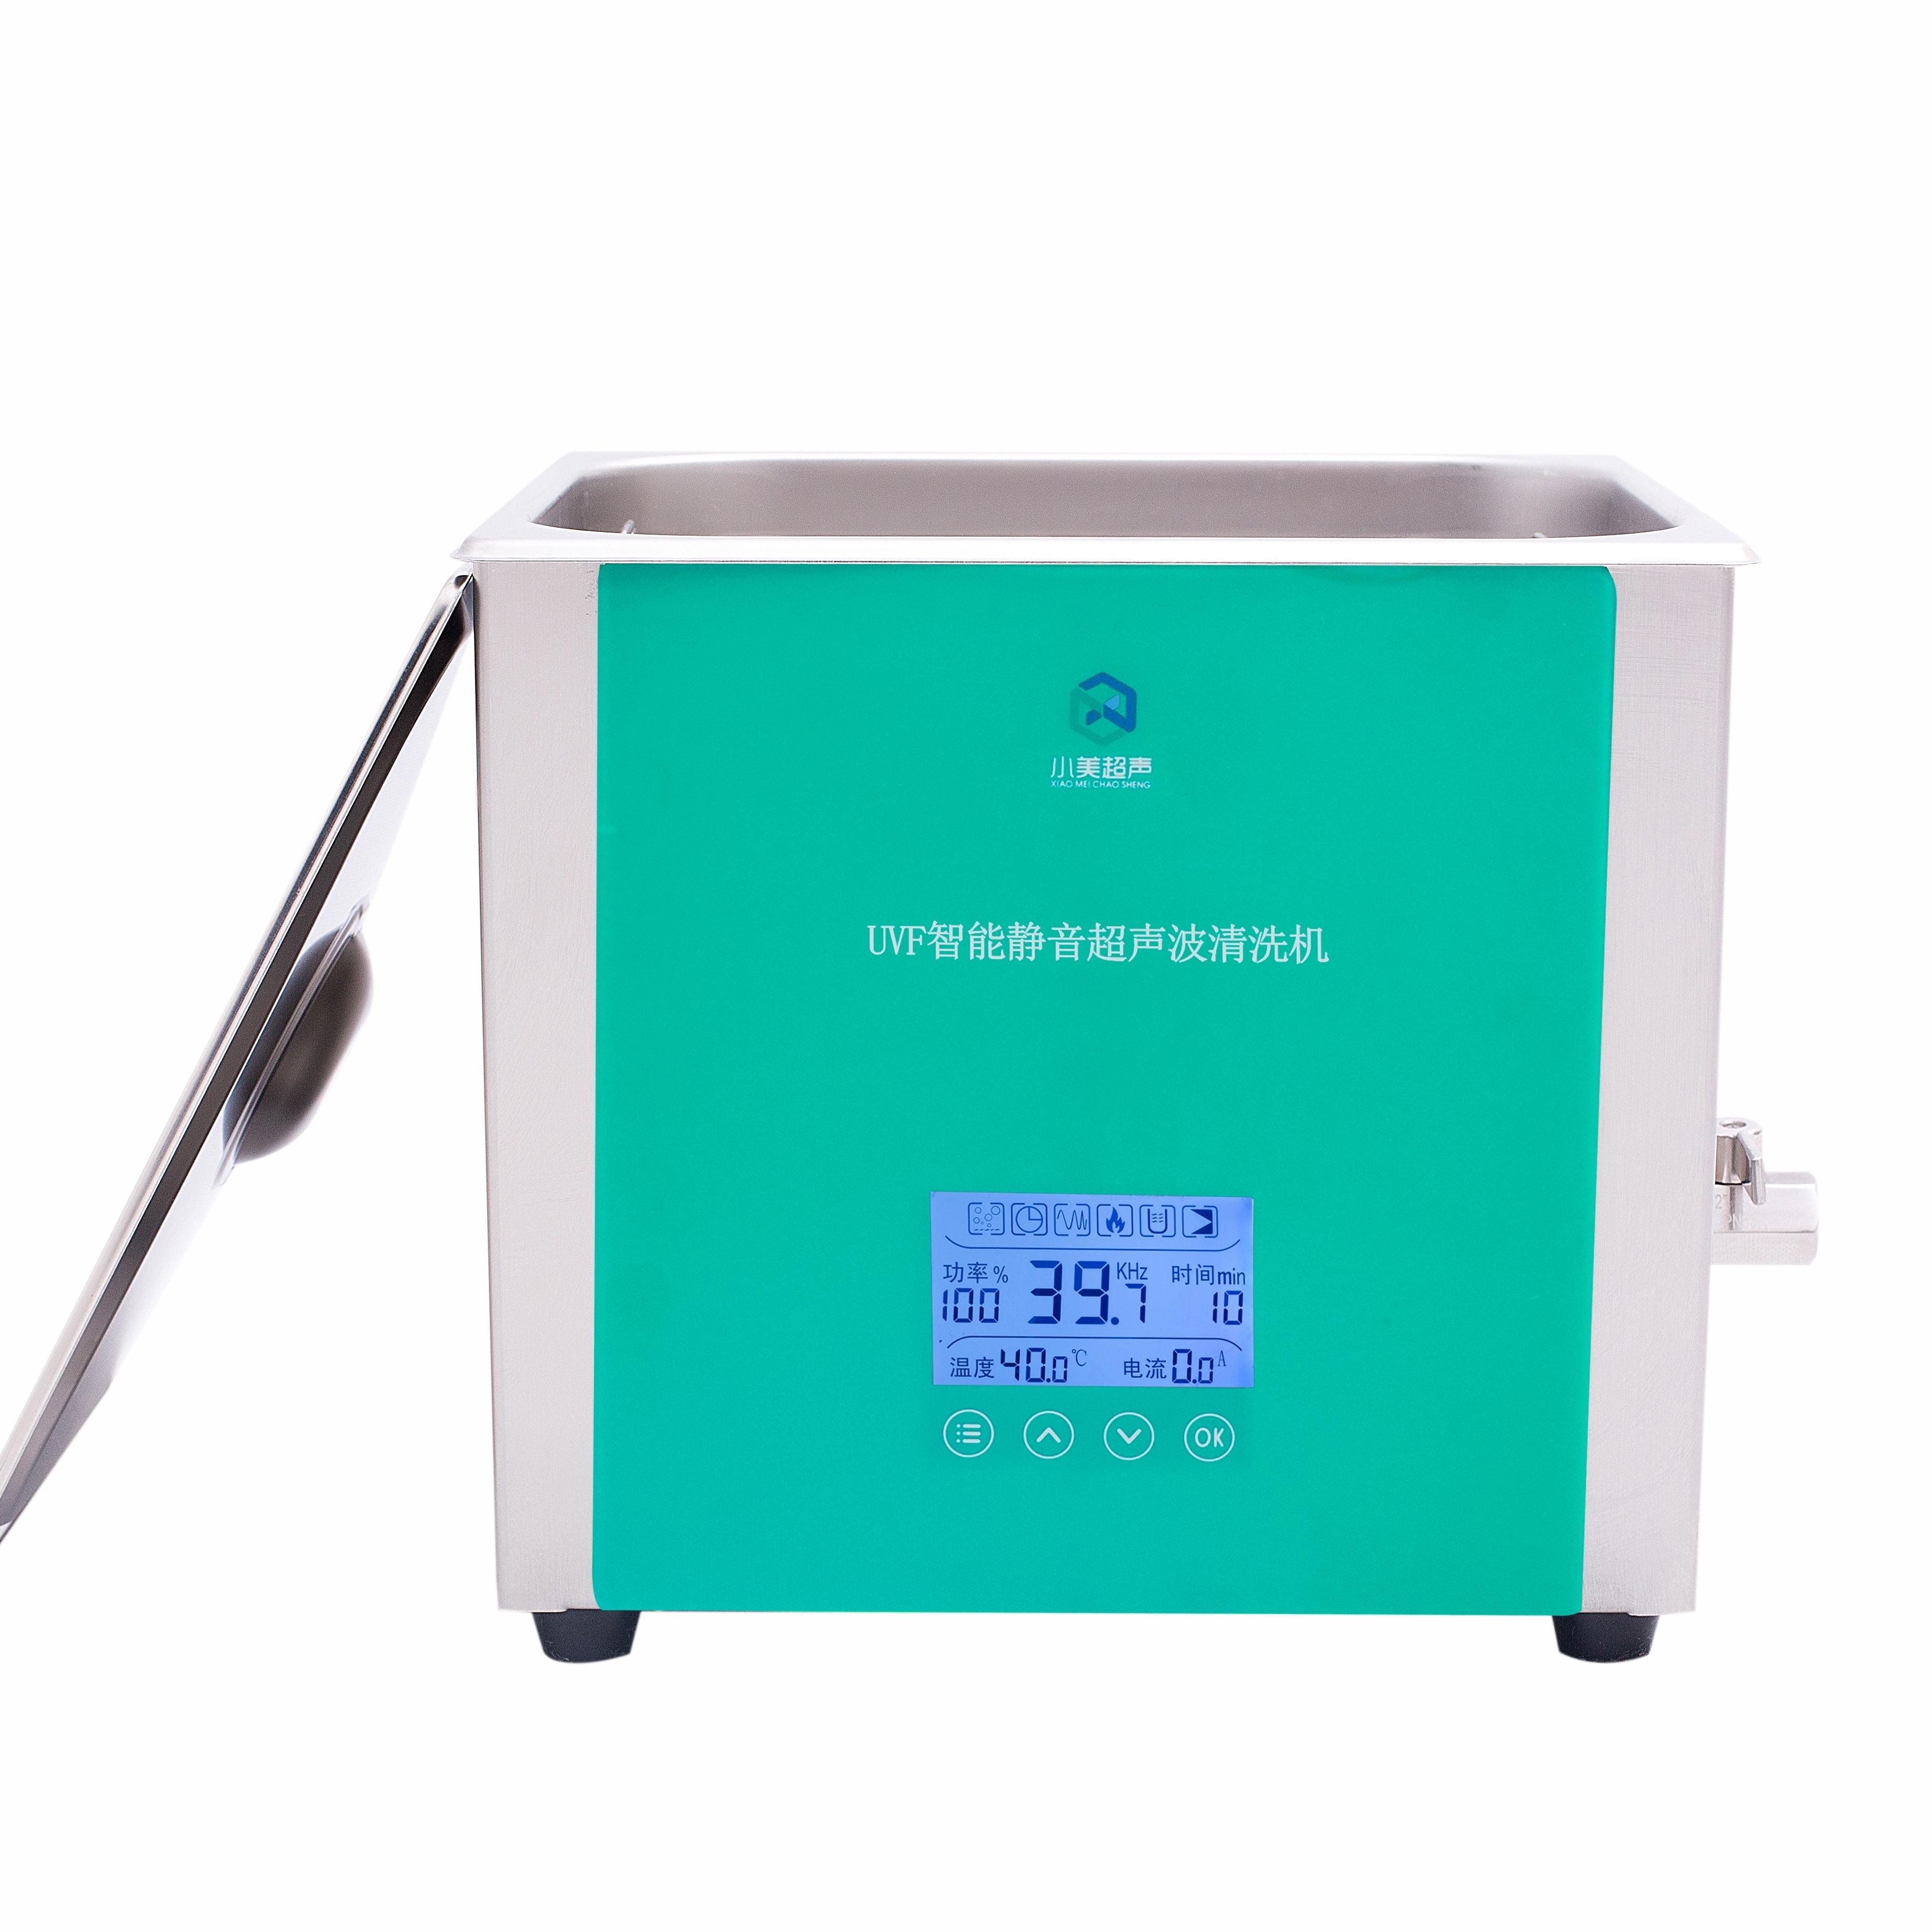 UVF液晶超静音系列超声波清洗机